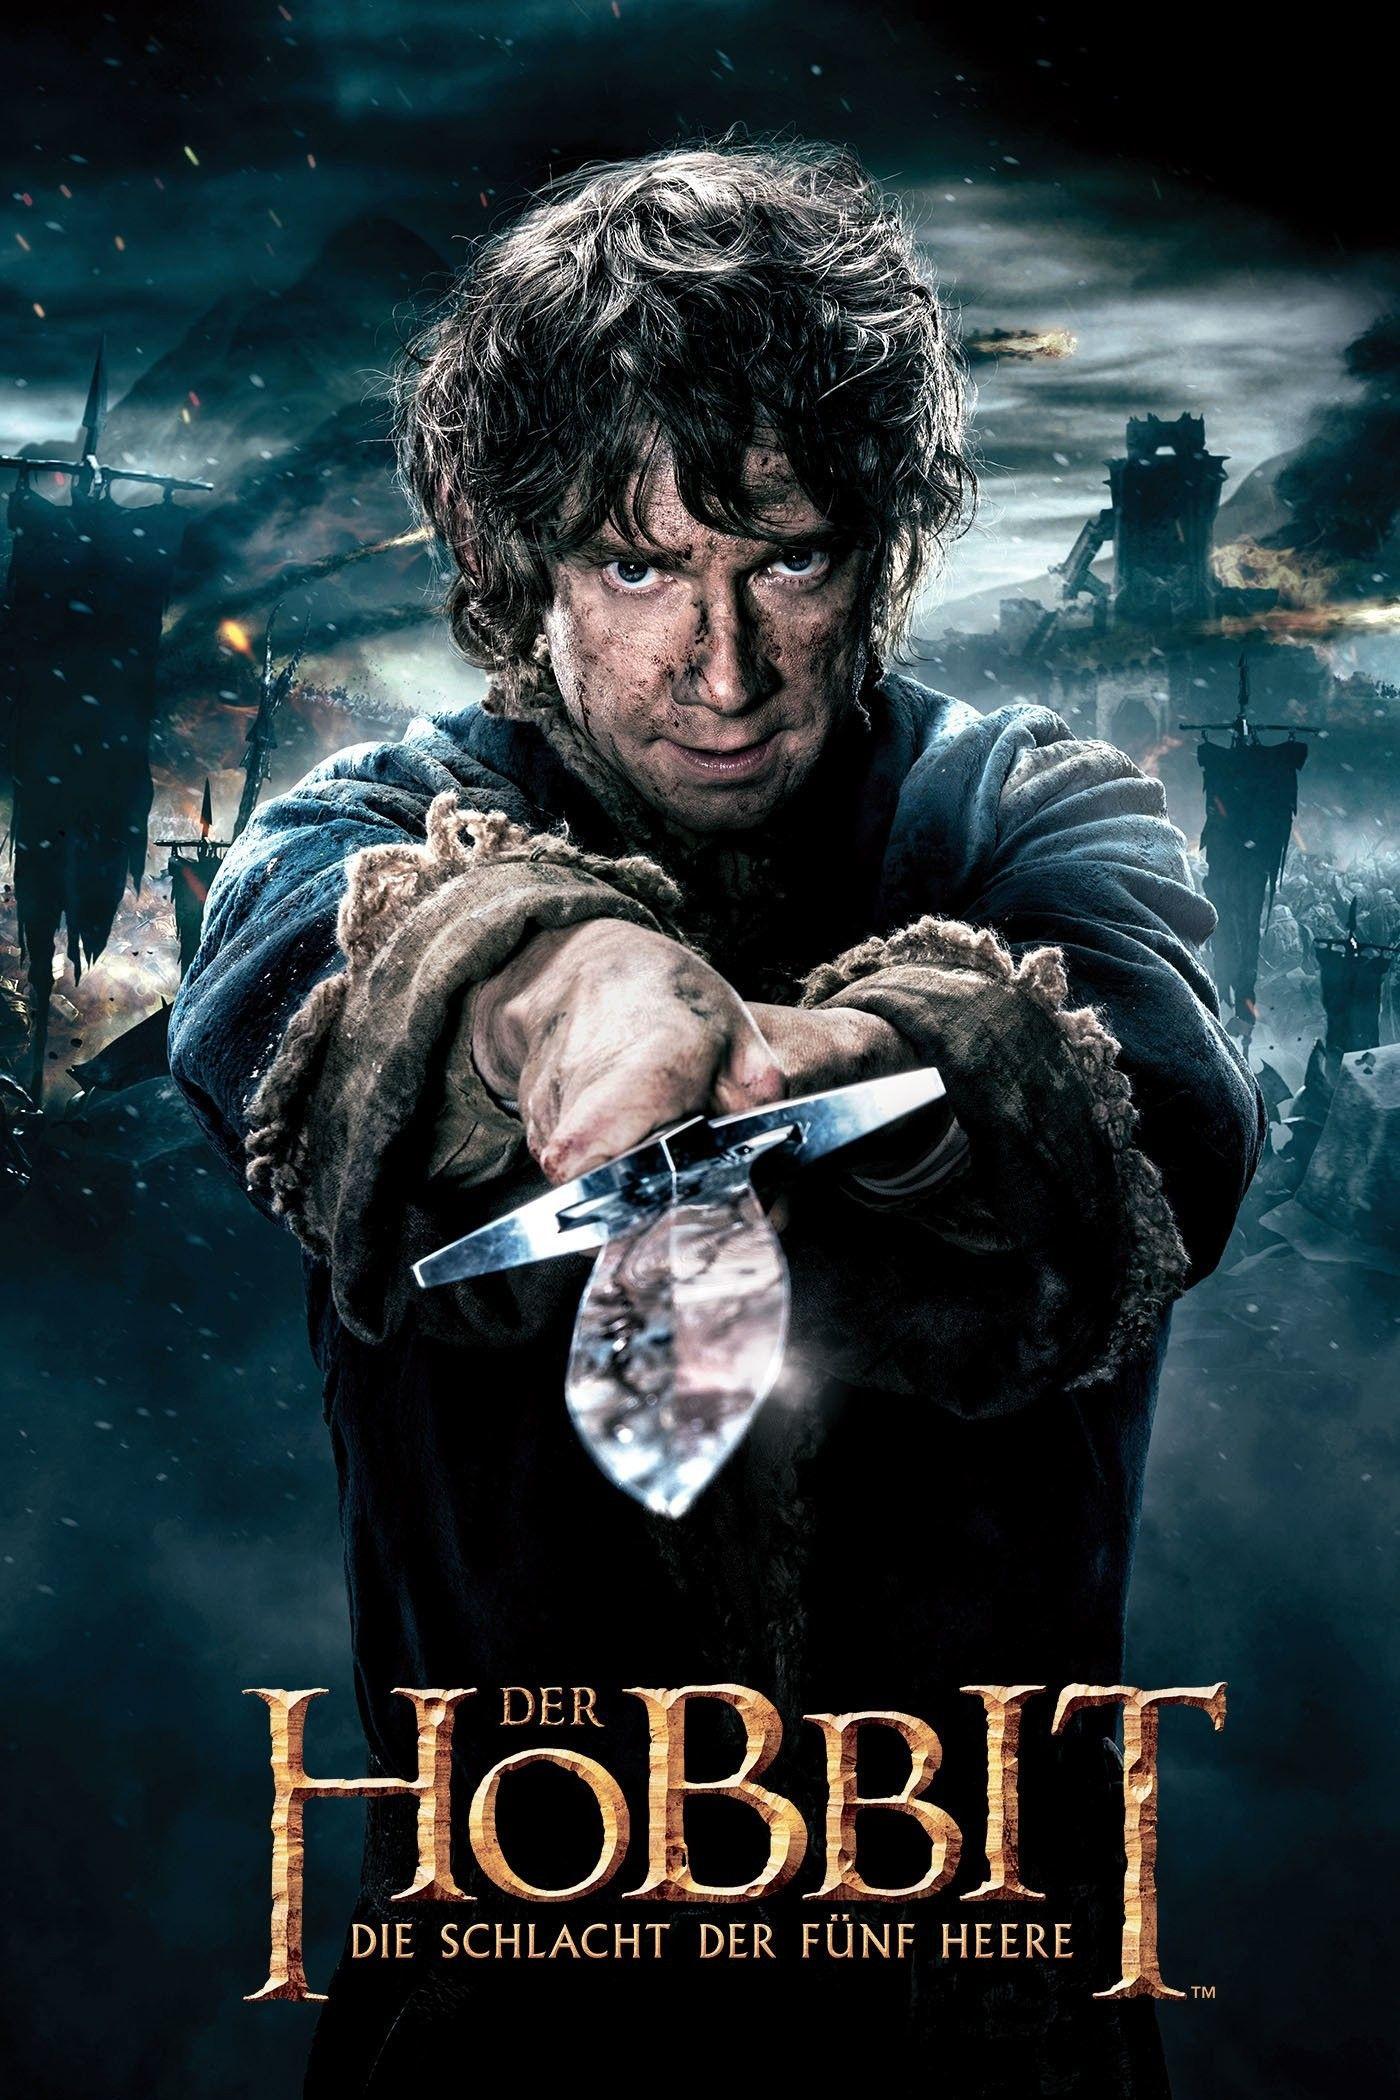 Der Hobbit Die Fünf Heere